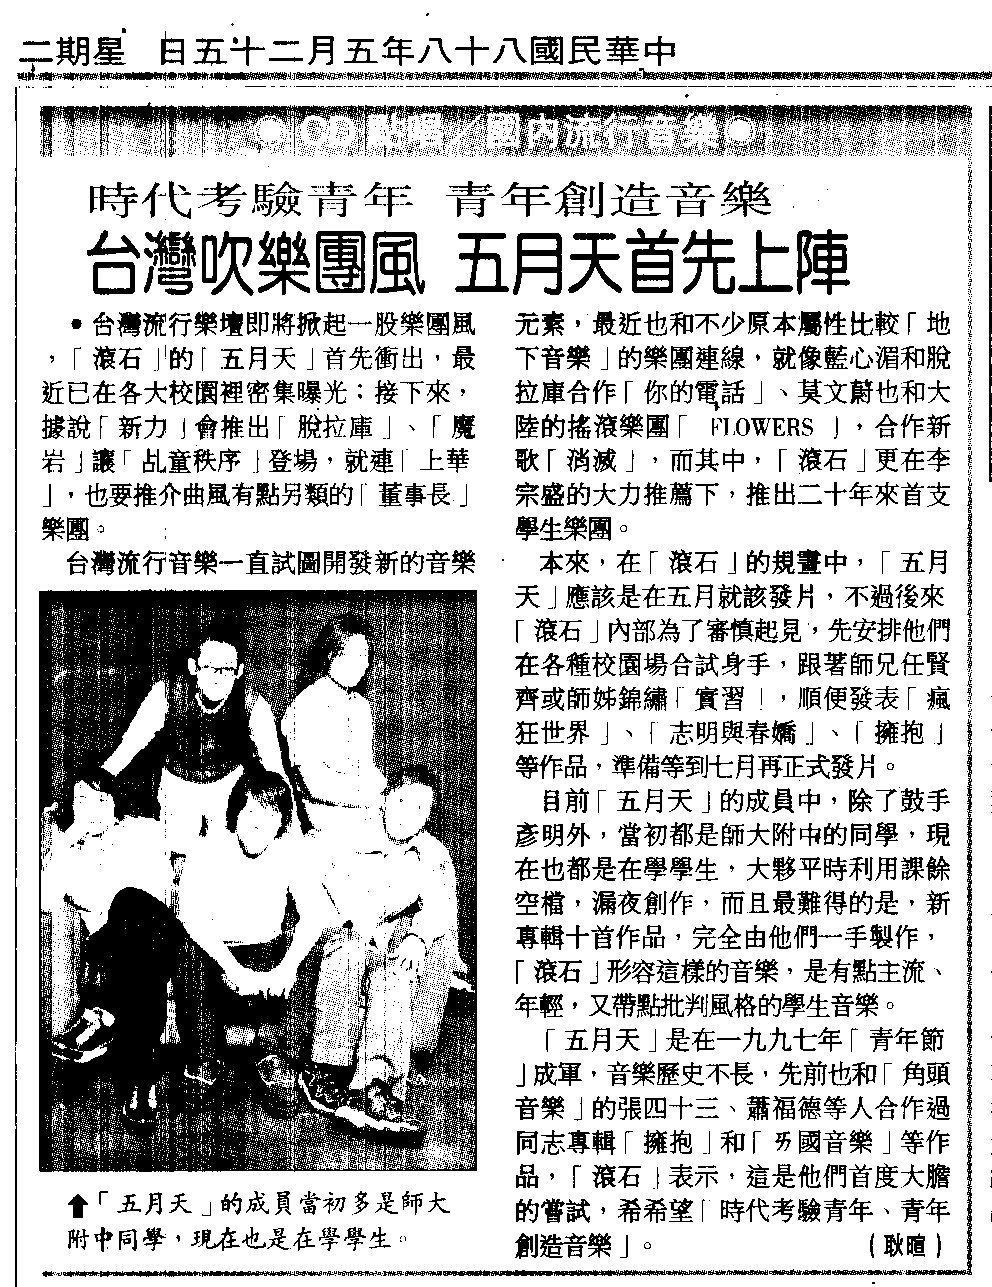 五月天首次登《聯合報》的報導。 圖/聯合知識庫提供